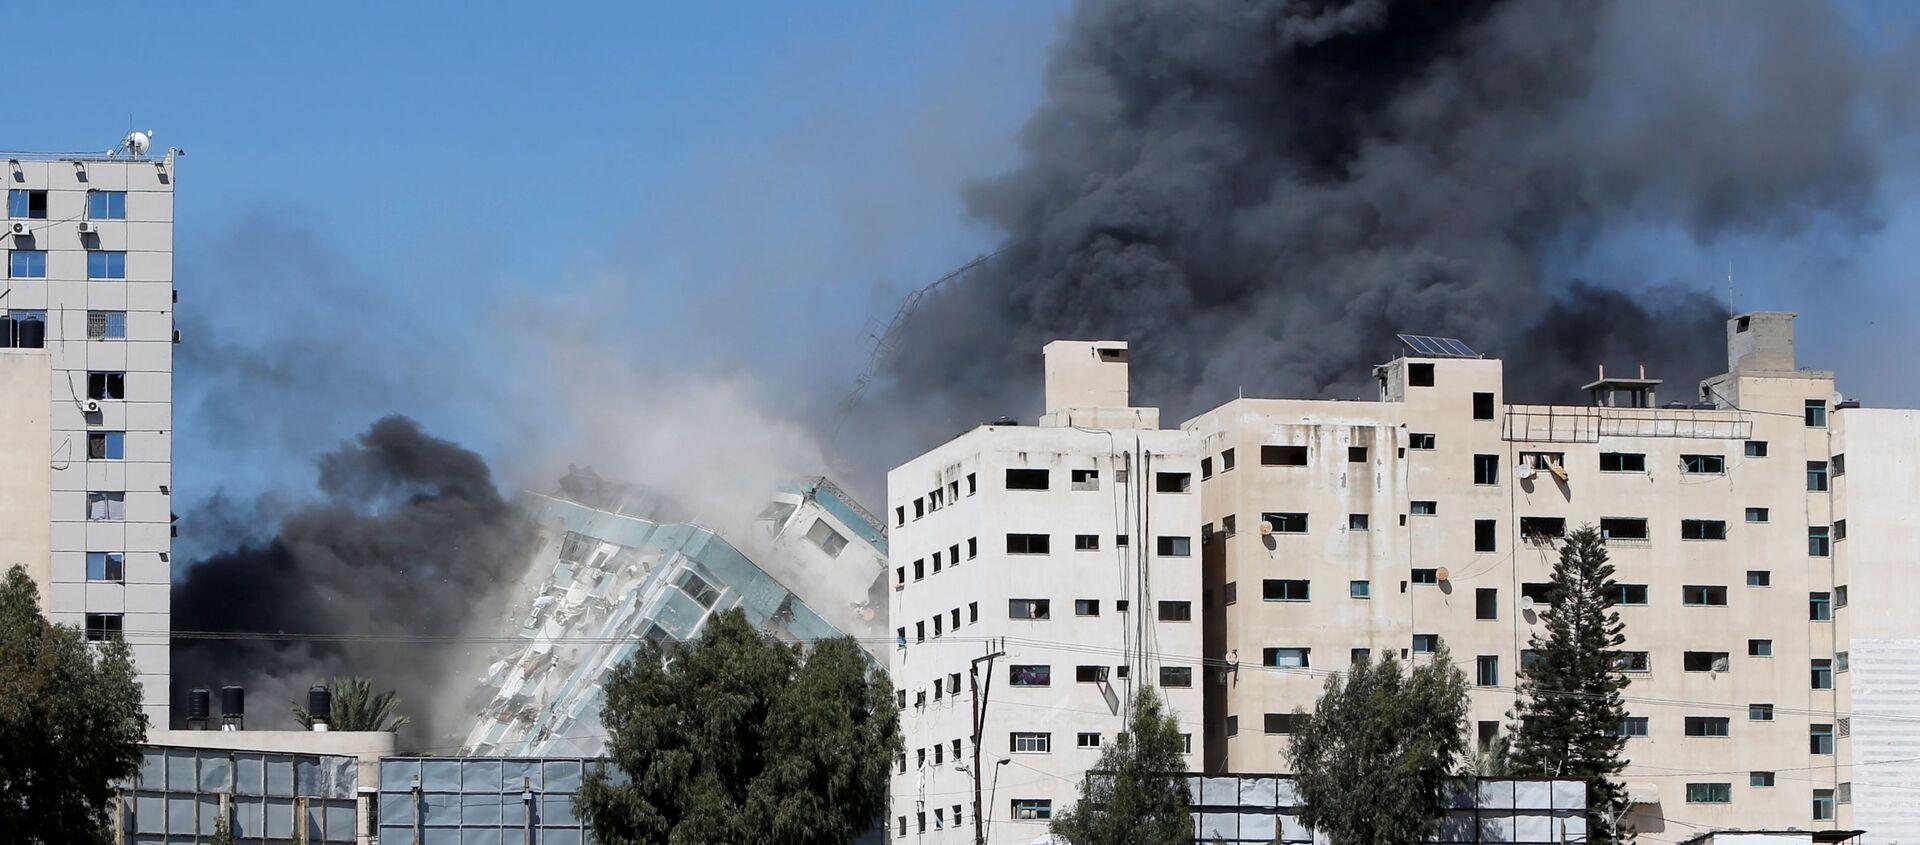 İsrail, Gazze'de uluslararası televizyonların bulunduğu binayı bombaladı - Sputnik Türkiye, 1920, 15.05.2021